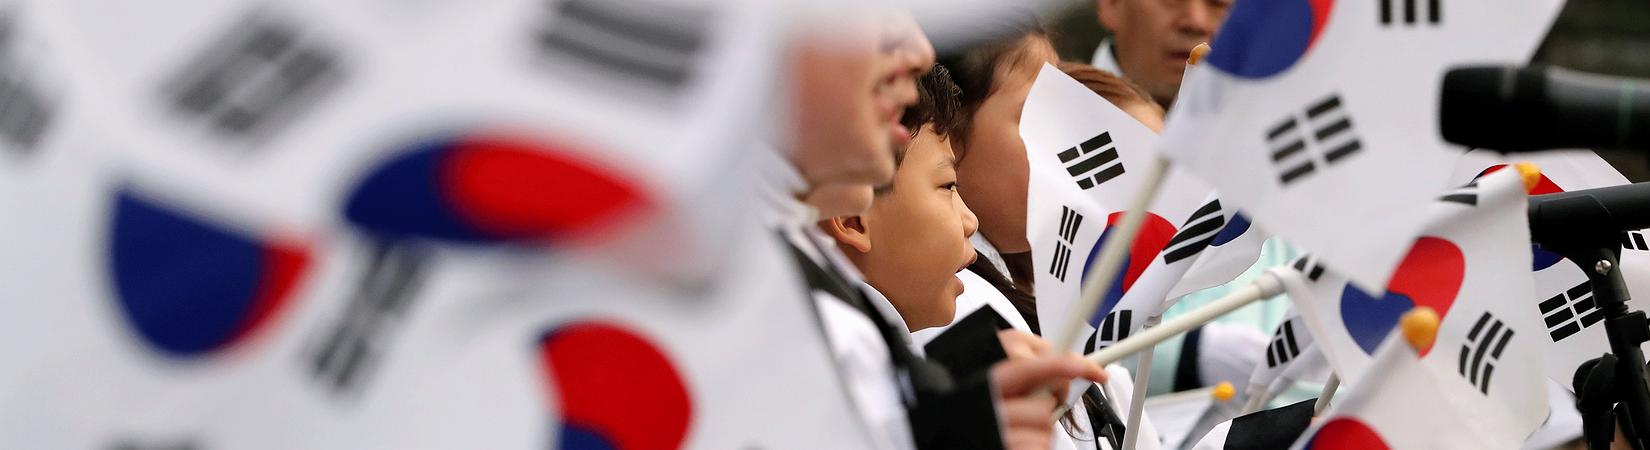 Corea del Sur autoriza las transferencias de dinero con bitcoins